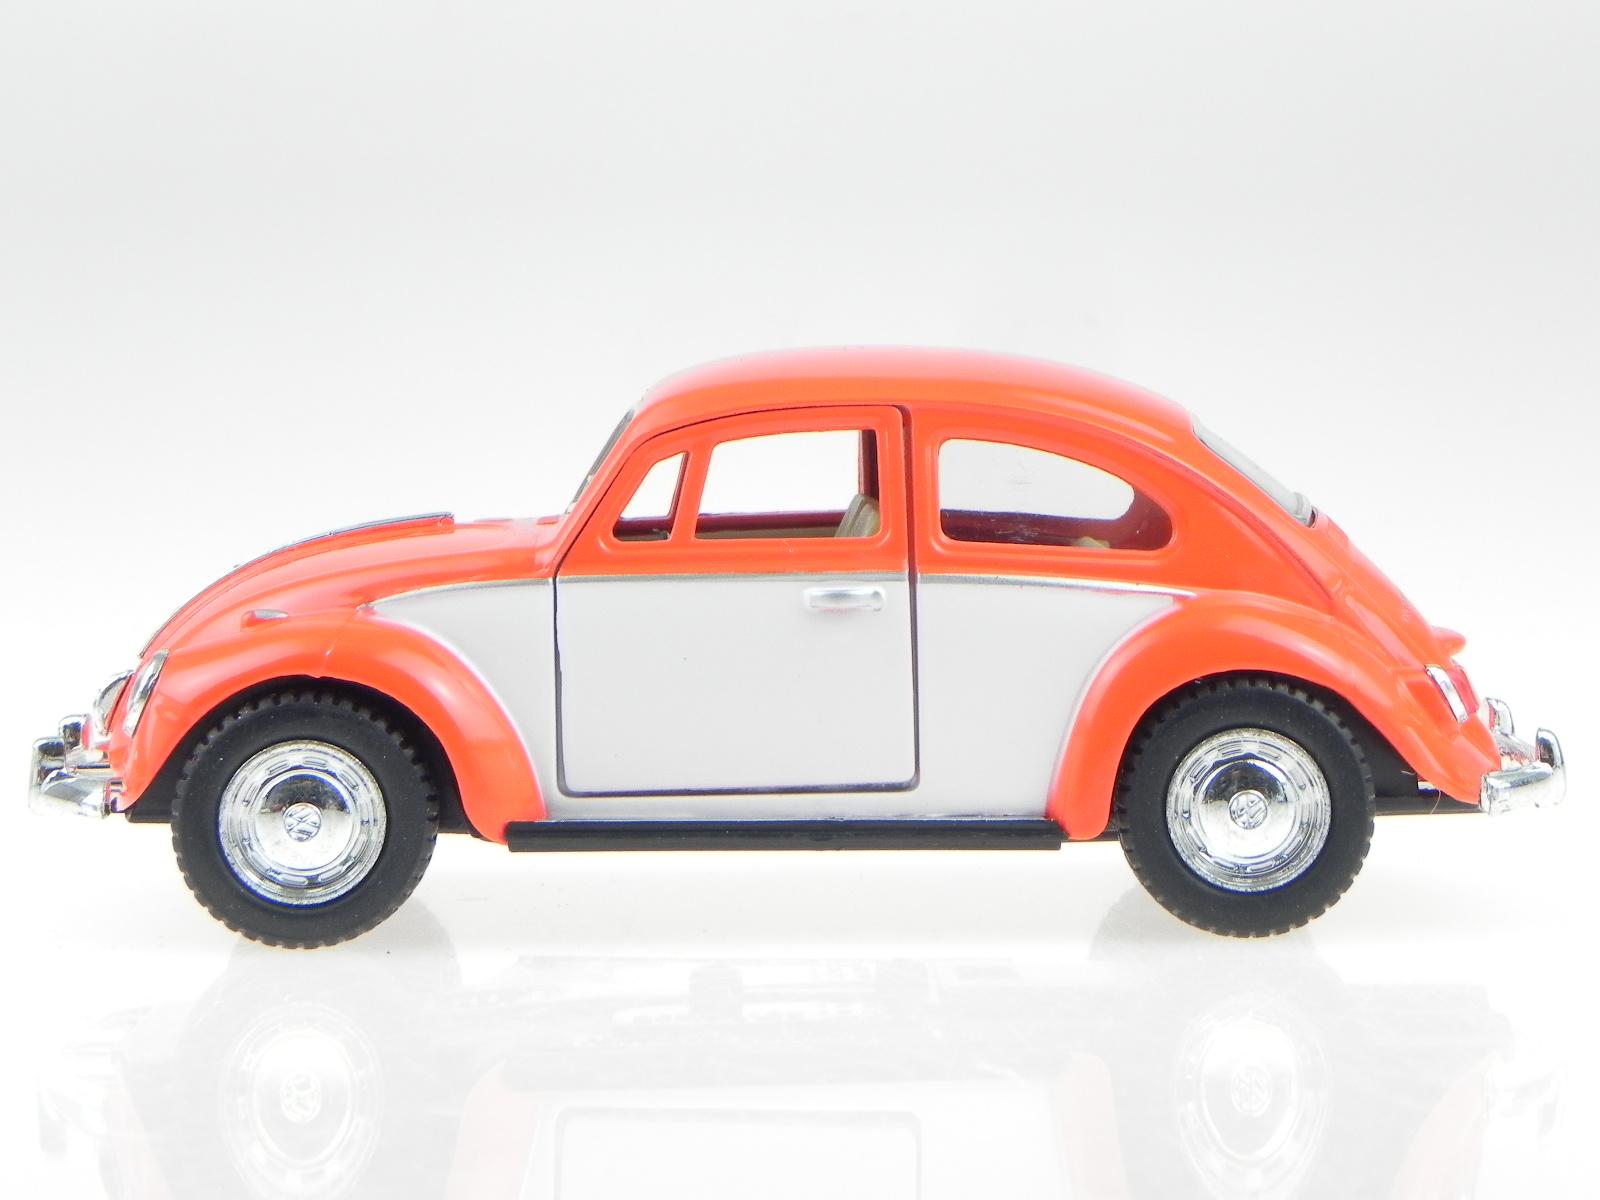 vw k fer 1967 orange weiss modellauto 5373 kinsmart 1 32. Black Bedroom Furniture Sets. Home Design Ideas